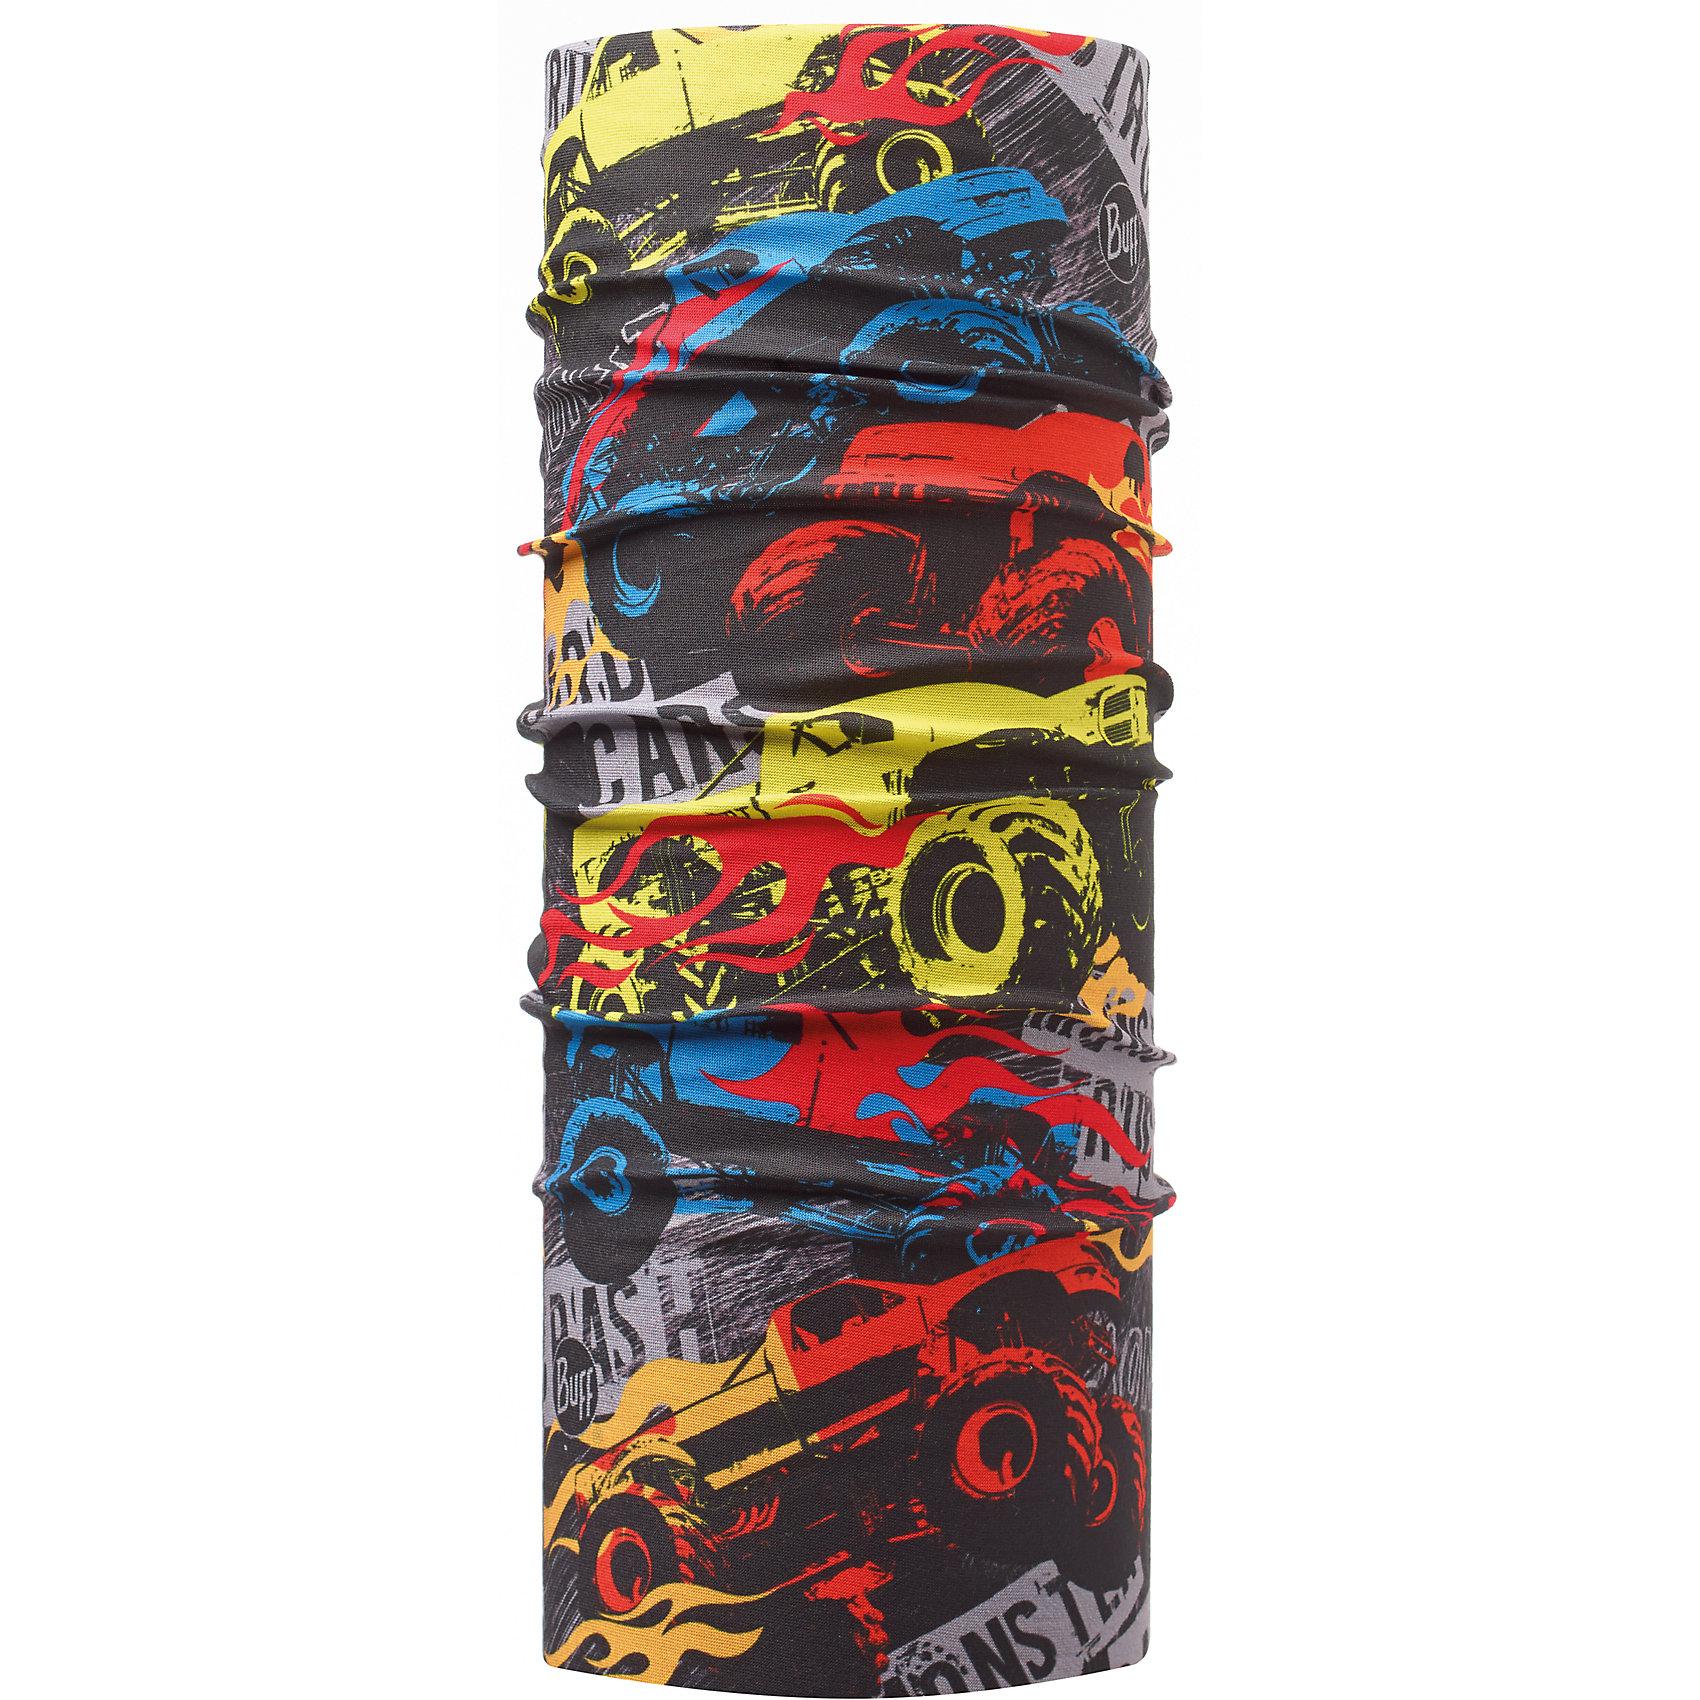 Бандана BUFFГоловные уборы<br>Бандана BUFF <br>Бесшовная бандана-труба из специальной серии Original BUFF. Original BUFF - самый популярный универсальный головной убор из всех серий. <br><br>Сделан из микрофибры - защищает от ветра, пыли, влаги и ультрафиолета. Контролирует микроклимат в холодную и теплую погоду, отводит влагу. Ткань обработана ионами серебра, обеспечивающими длительный антибактериальный эффект и предотвращающими появление запаха. Допускается машинная и ручная стирка при 30-40градусах. Материал не теряет цвет и эластичность, не требует глажки. <br><br>Original BUFF можно носить на шее и на голове, как шейный платок, маску, бандану, шапку и подшлемник. <br><br>Свойства материала позволяют использовать бандану Original BUFF в любое время года, при занятиях любым видом спорта, активного отдыха, туризма или рыбалки.<br>Состав:<br>Полиэстер 100%<br><br>Ширина мм: 89<br>Глубина мм: 117<br>Высота мм: 44<br>Вес г: 155<br>Цвет: красный<br>Возраст от месяцев: 84<br>Возраст до месяцев: 1188<br>Пол: Унисекс<br>Возраст: Детский<br>Размер: one size<br>SKU: 5568735